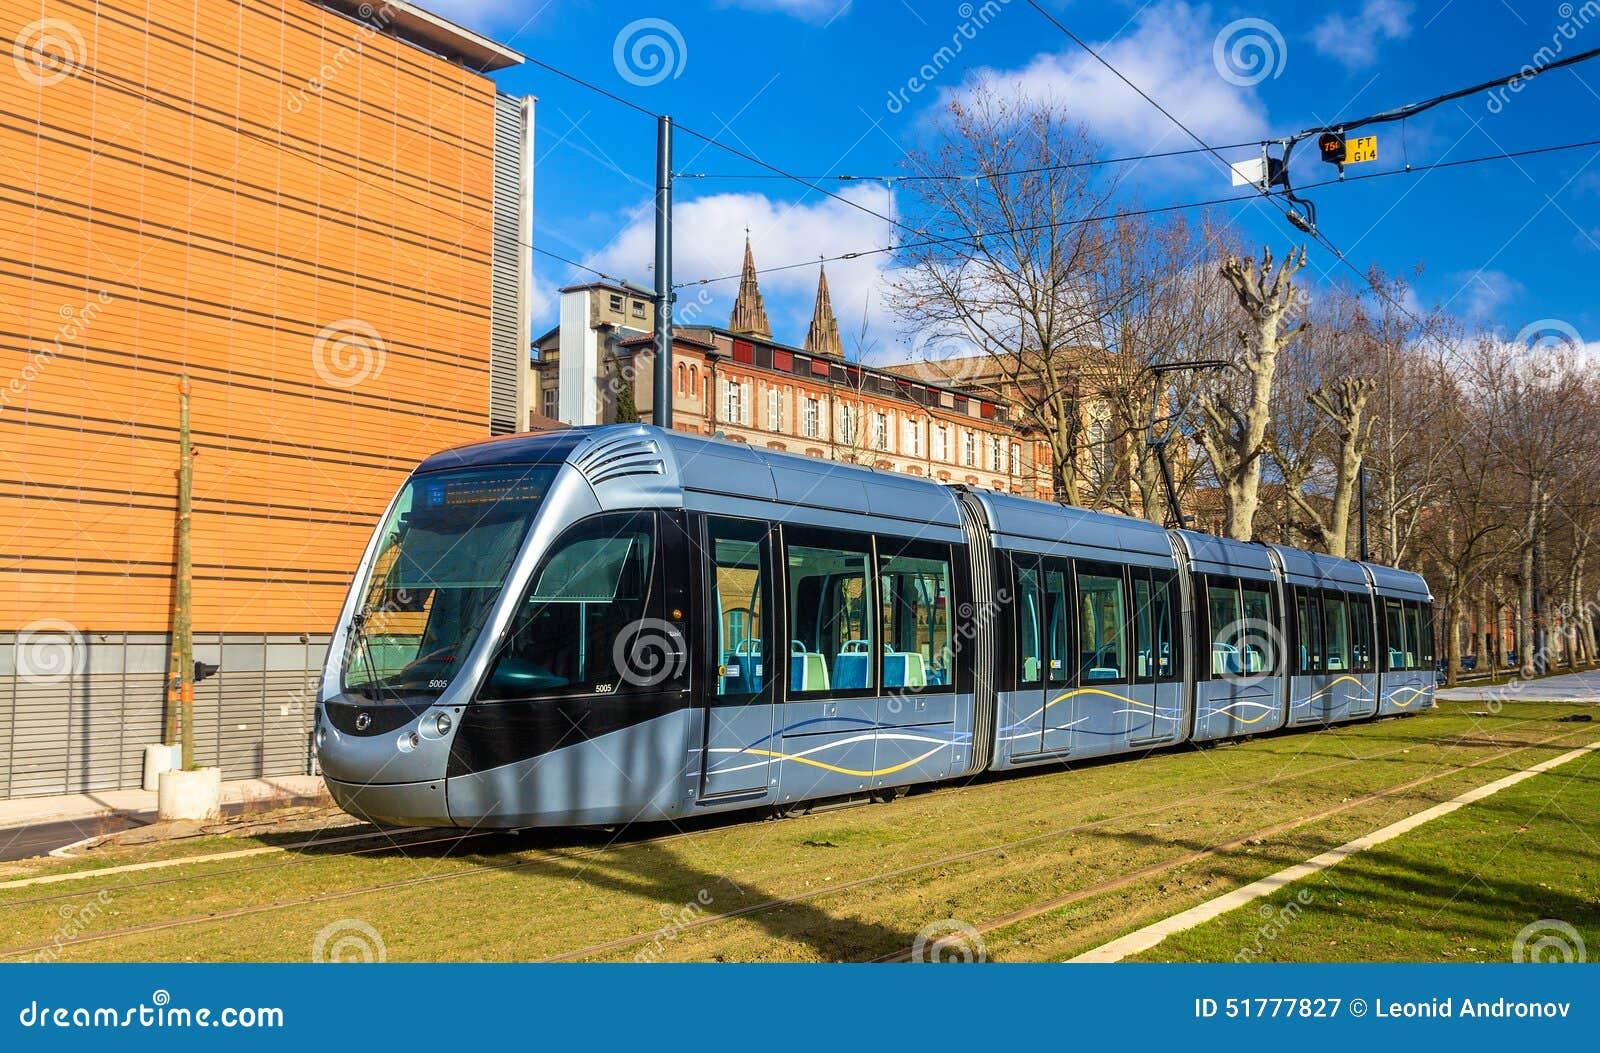 图卢兹,法国- 1月07 :阿尔斯通2014年1月7日的citadis 302电车在